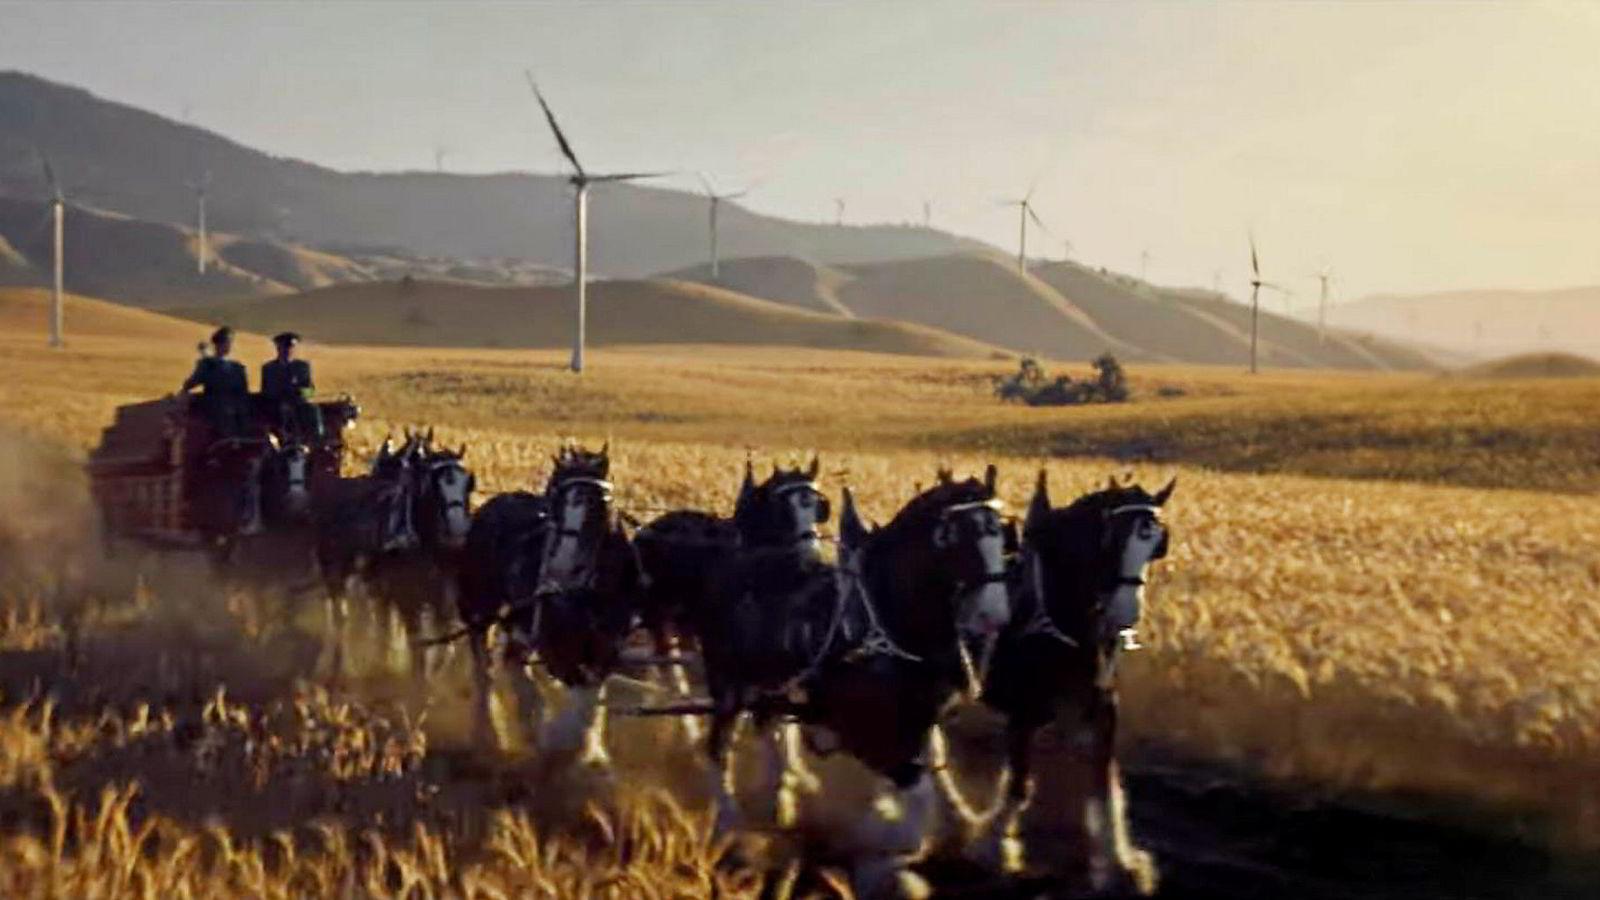 Ølmerket Budweiser markedsførte seg under Super Bowl-finalen i USA med at selskapet satser på fornybar energi.